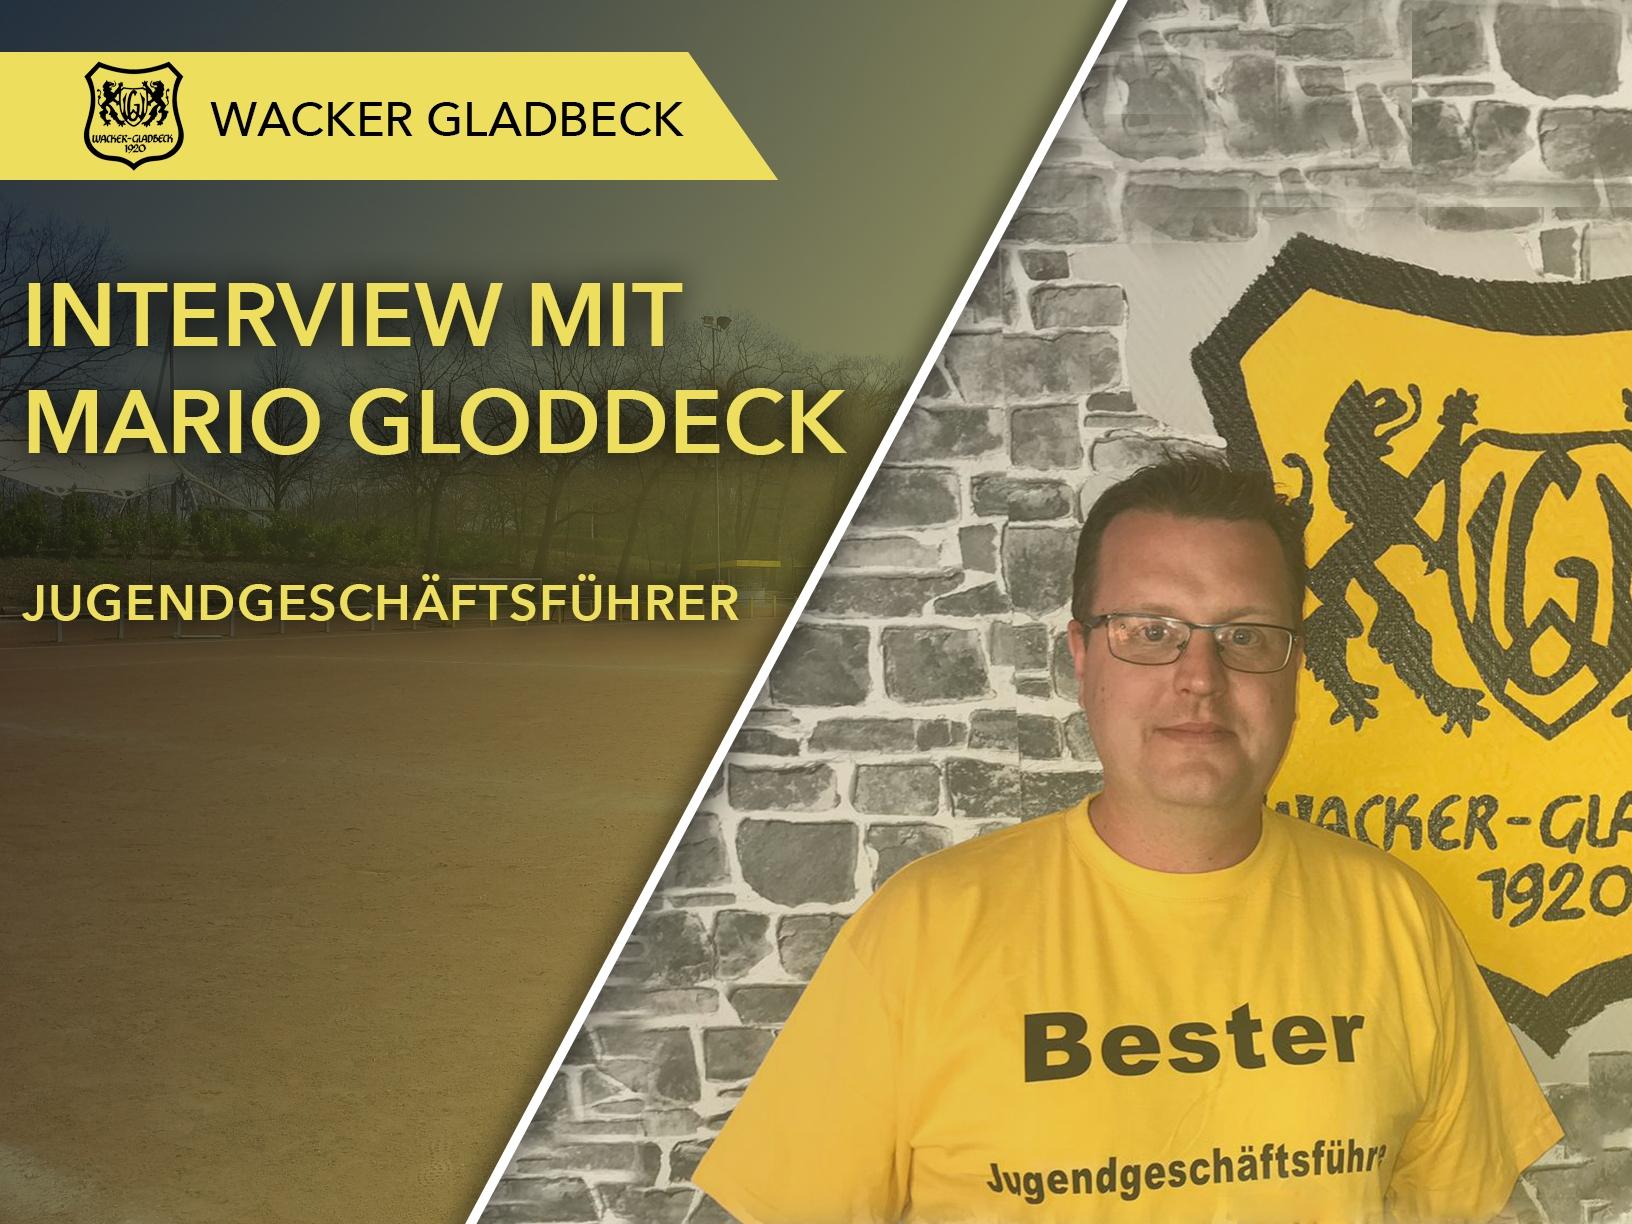 Wacker Gladbeck - Interview mit Jugendgeschäftsführer Mario Gloddeck